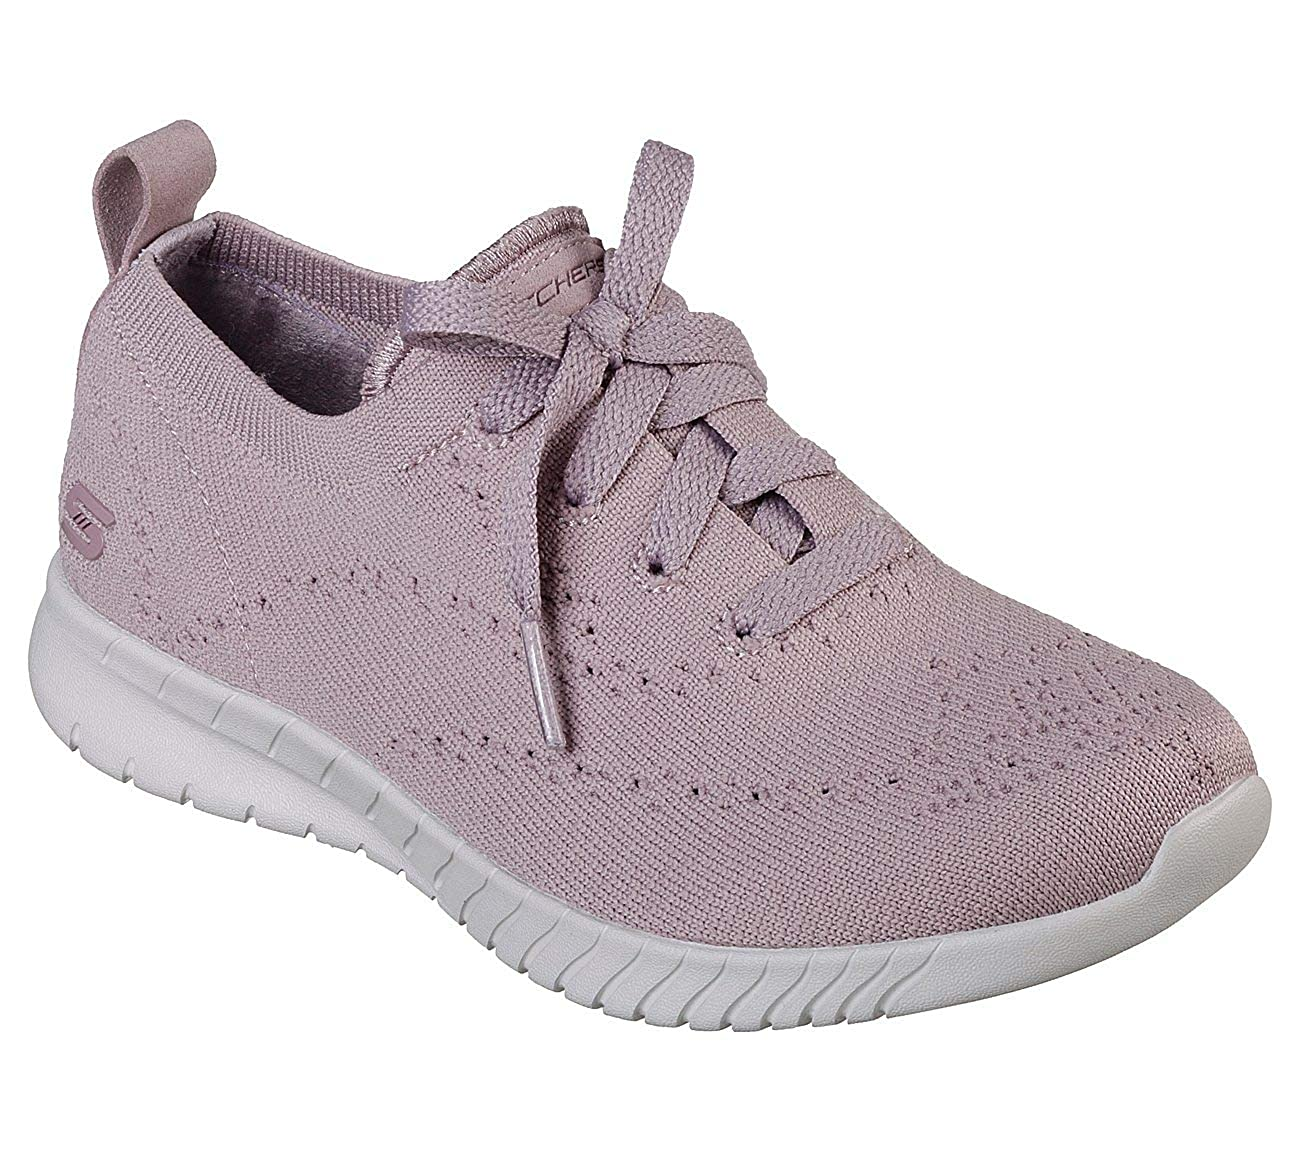 Purple Skechers Women's Wave-Lite Fashion Sneakers